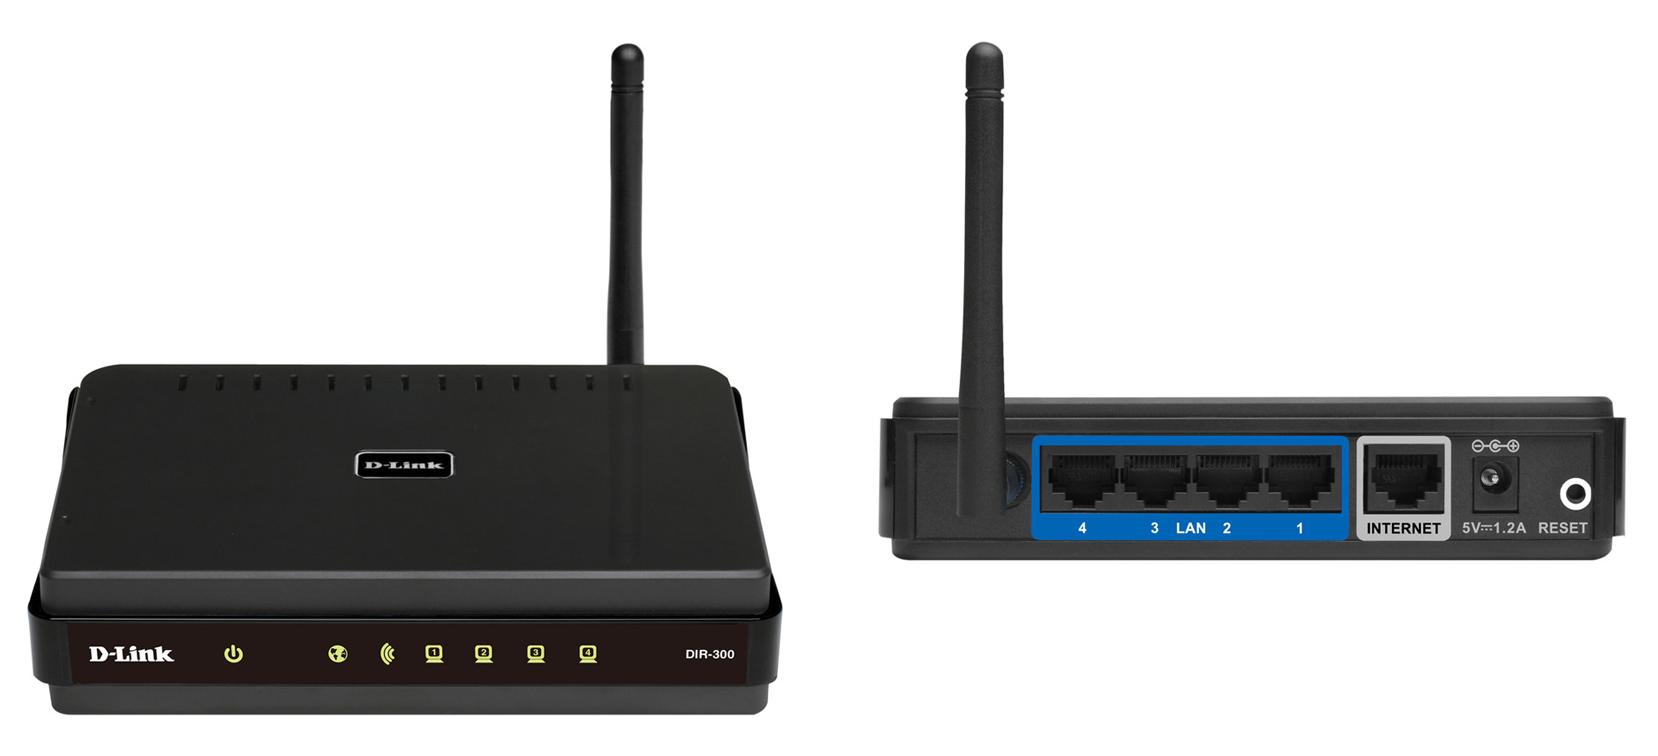 D-Link DIR-300 - самый простой и надежный роутер!. маршрутизатор и ...